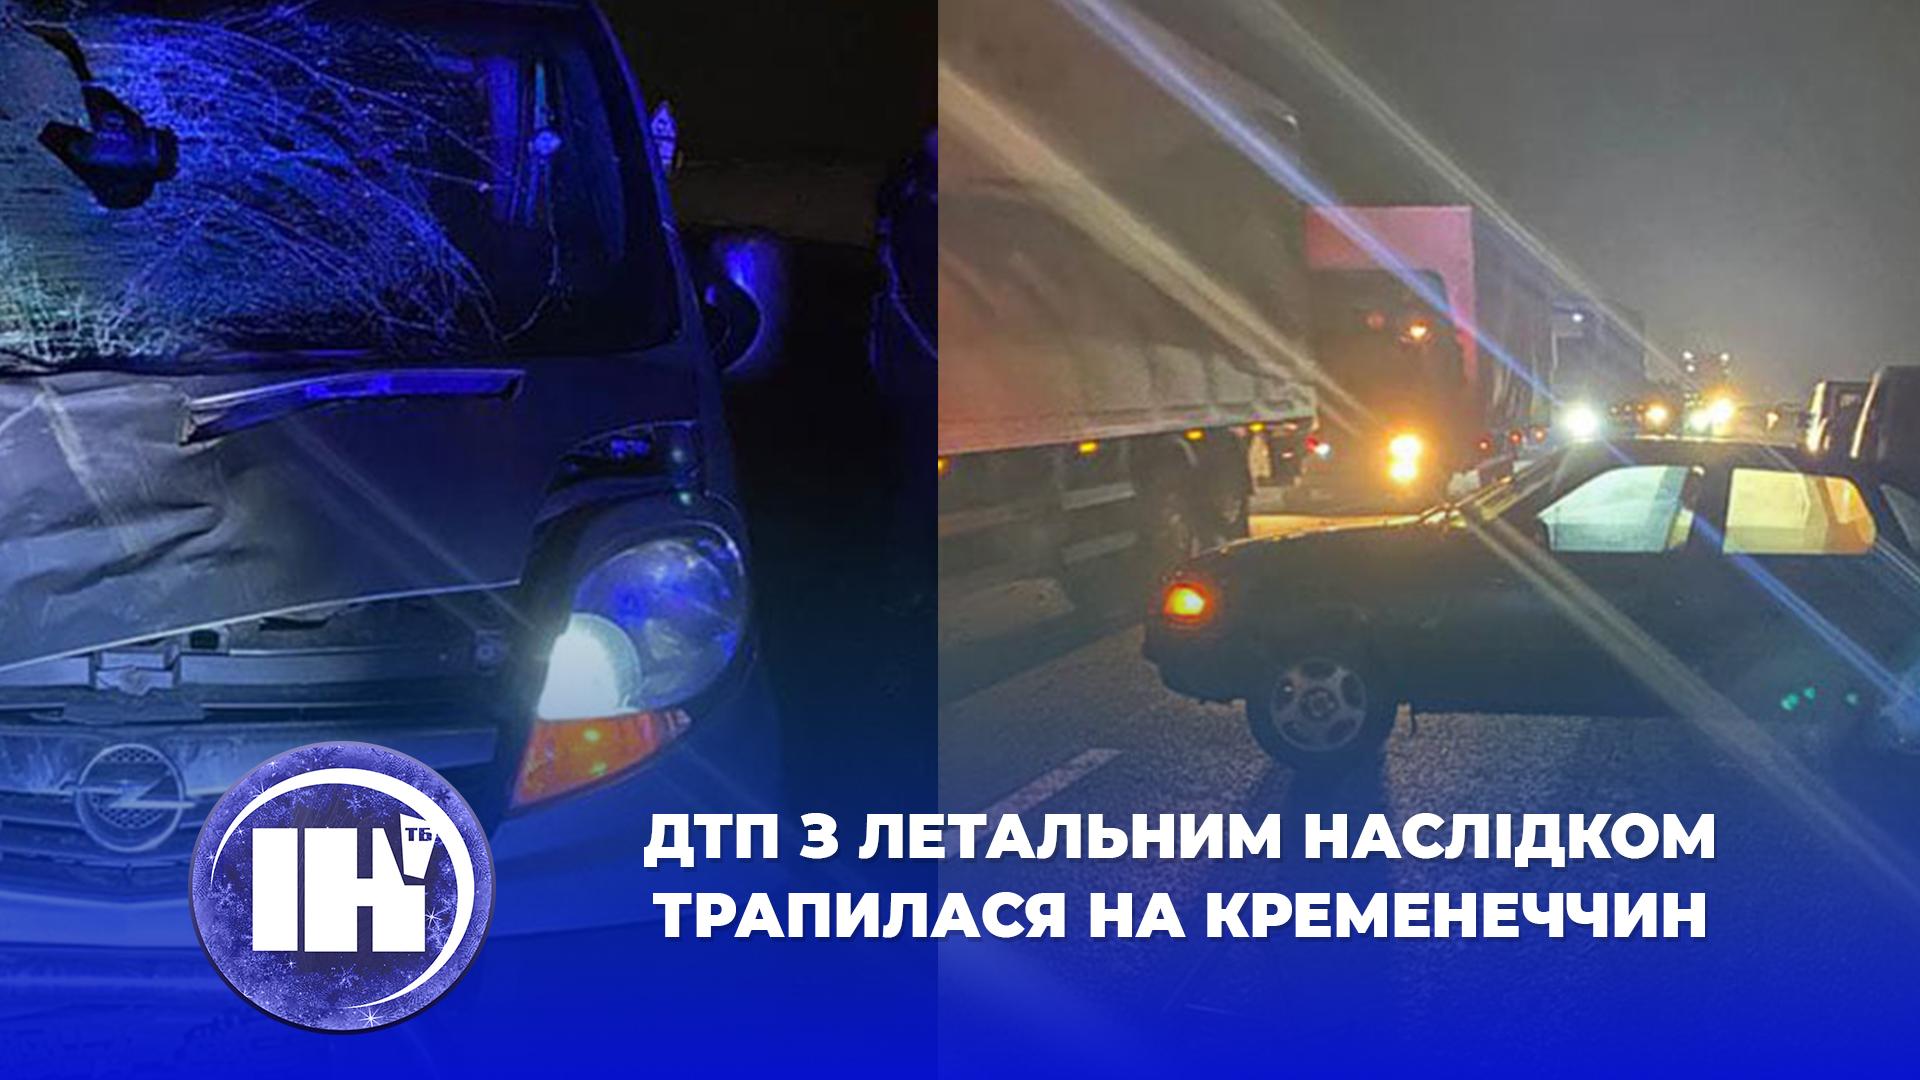 ДТП з летальним наслідком  трапилася на Кременеччин